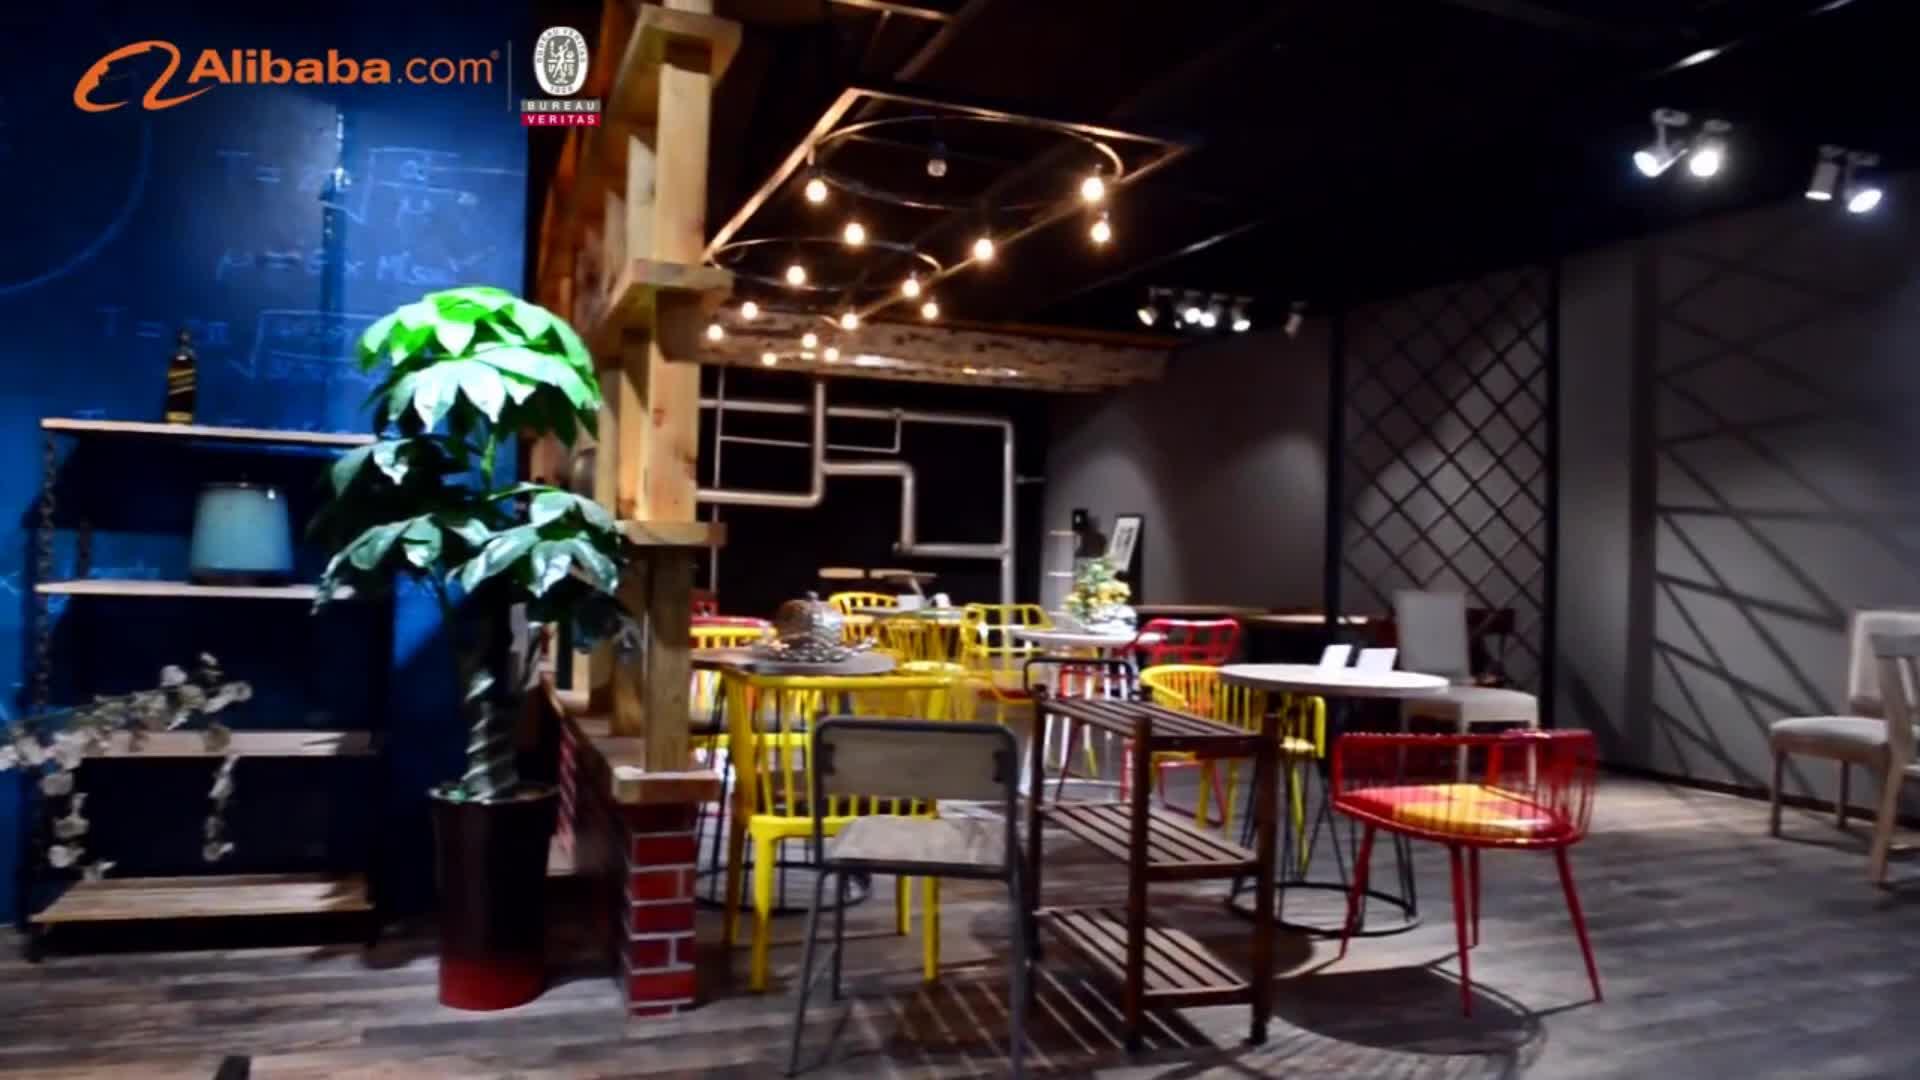 2019 새로운 스타일 클래식 4/6/8/10/12 Seater 현대 섬유 나무/MDF 탑 식탁 세트 무료 샘플 현대 식사 세트